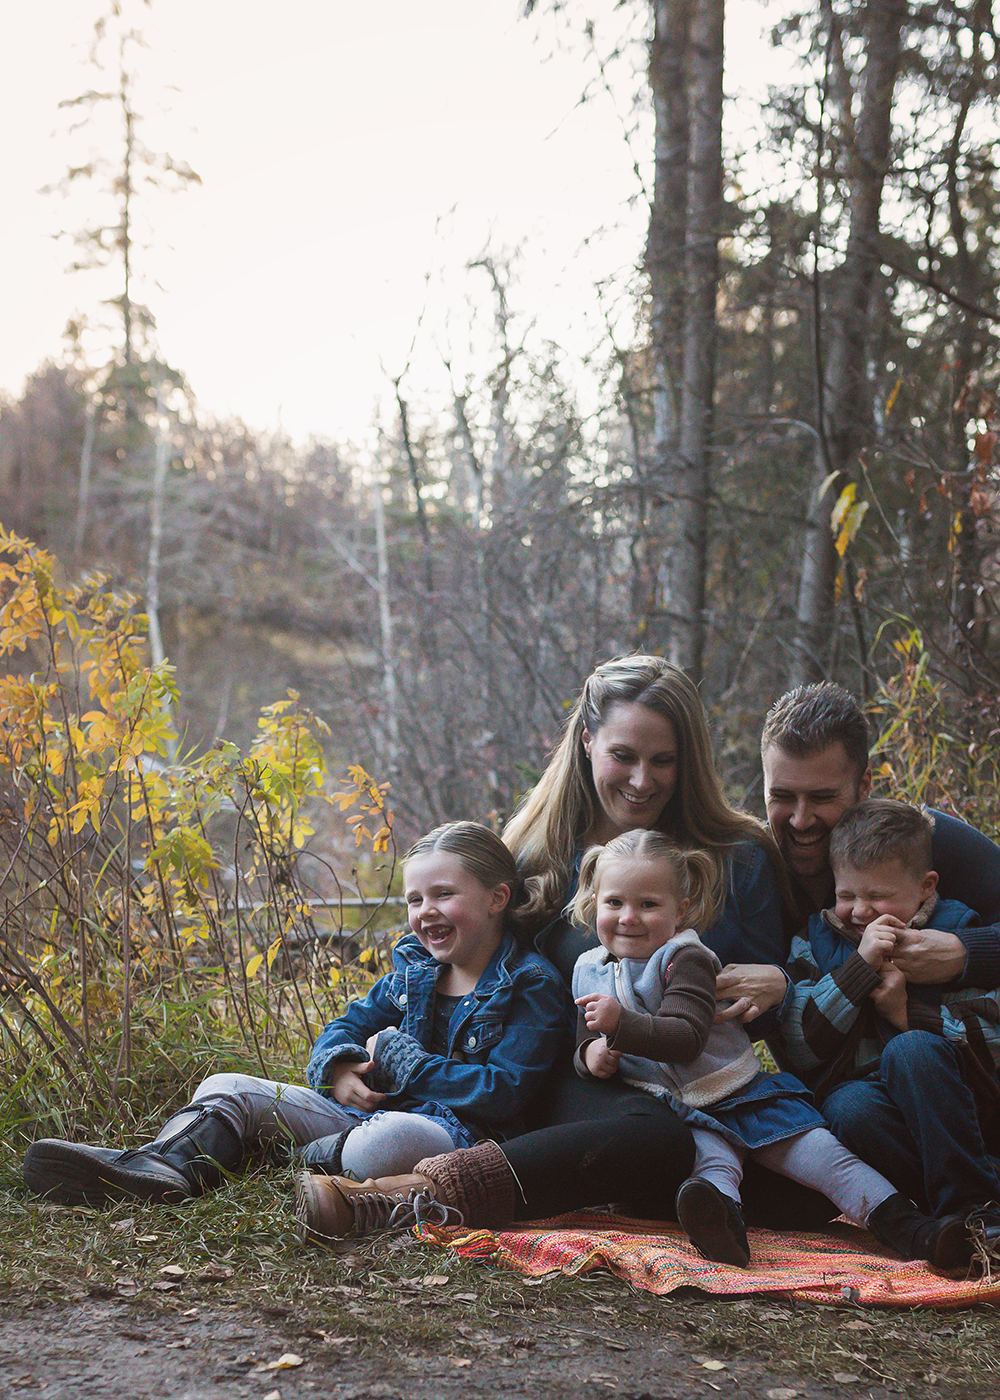 Edmonton Family Photographer_Voss Family Sneak Peek 5.jpg